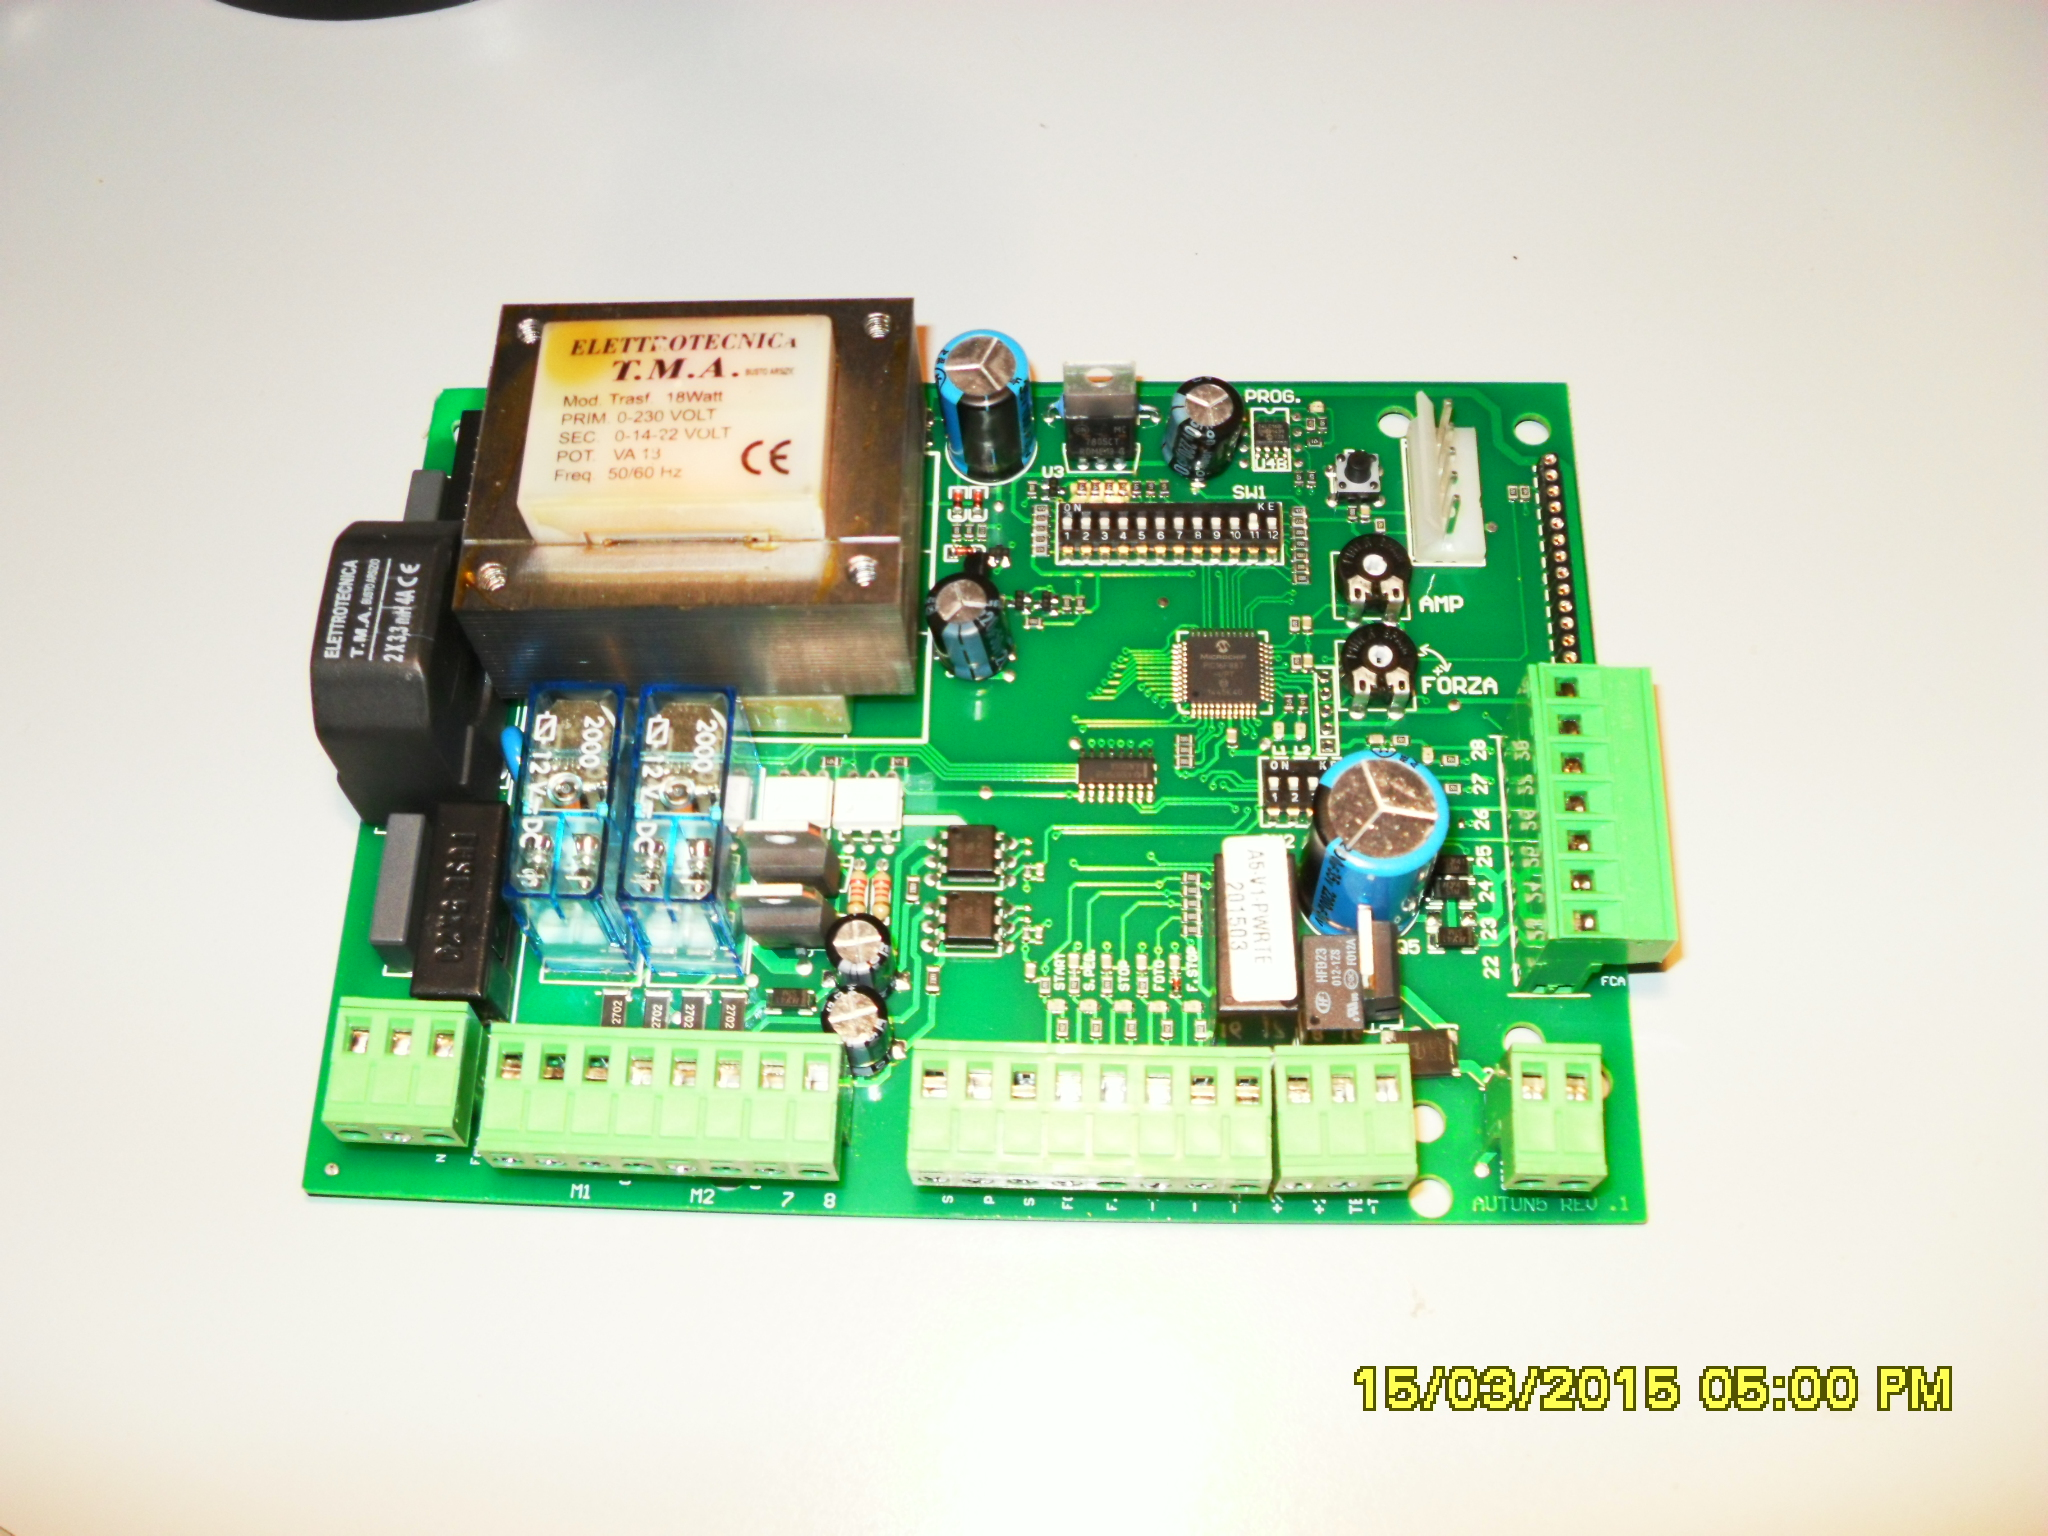 Schema Elettrico Scheda Faac 450 Mps : Faac centrale compatibile mps d